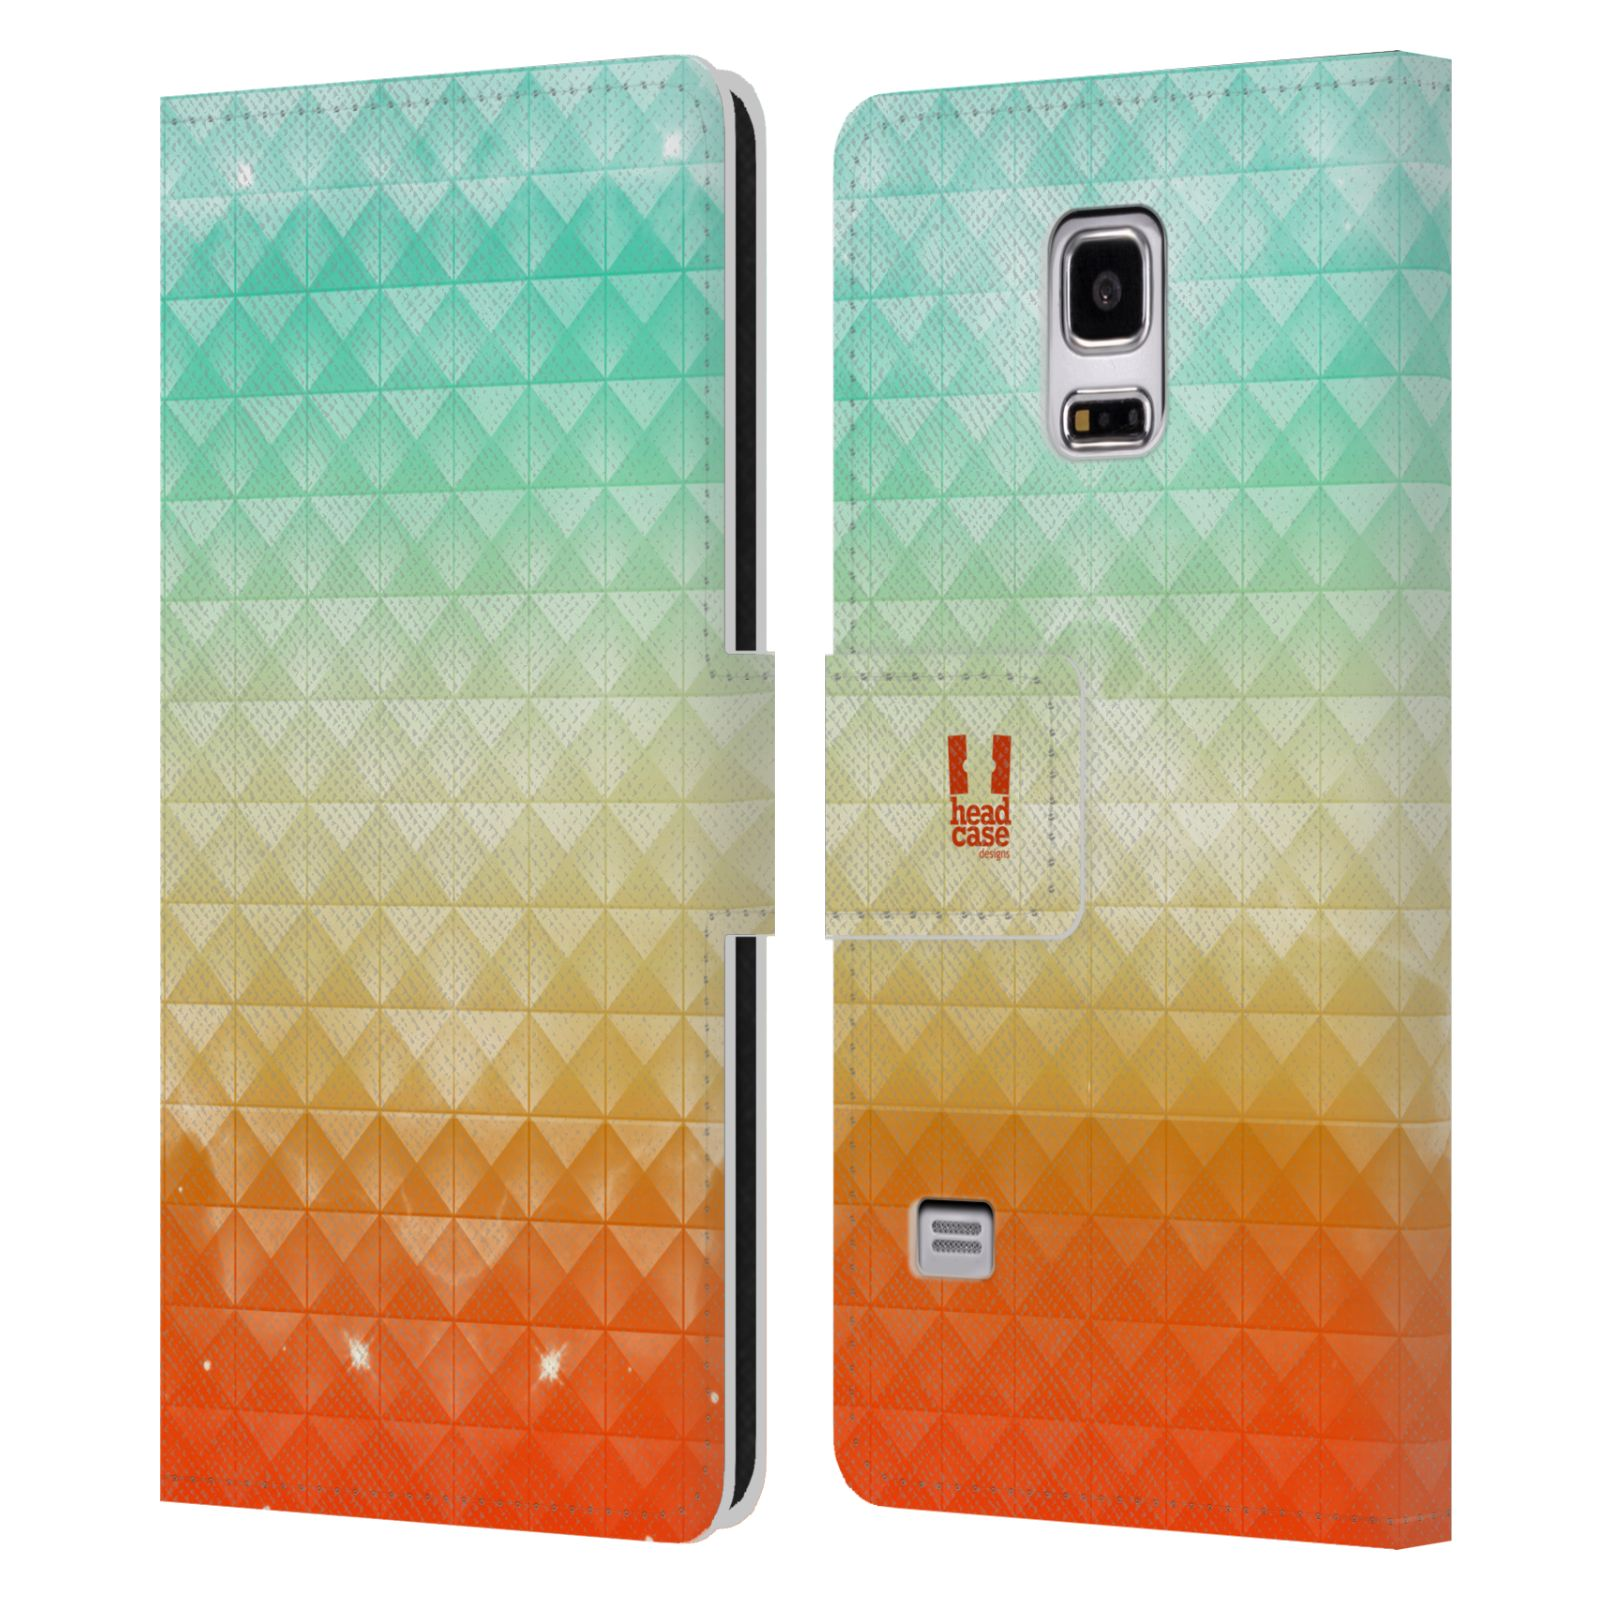 HEAD CASE Flipové pouzdro pro mobil Samsung Galaxy S5 MINI / S5 MINI DUOS barevná vesmírná mlhovina oranžová a tyrkysová